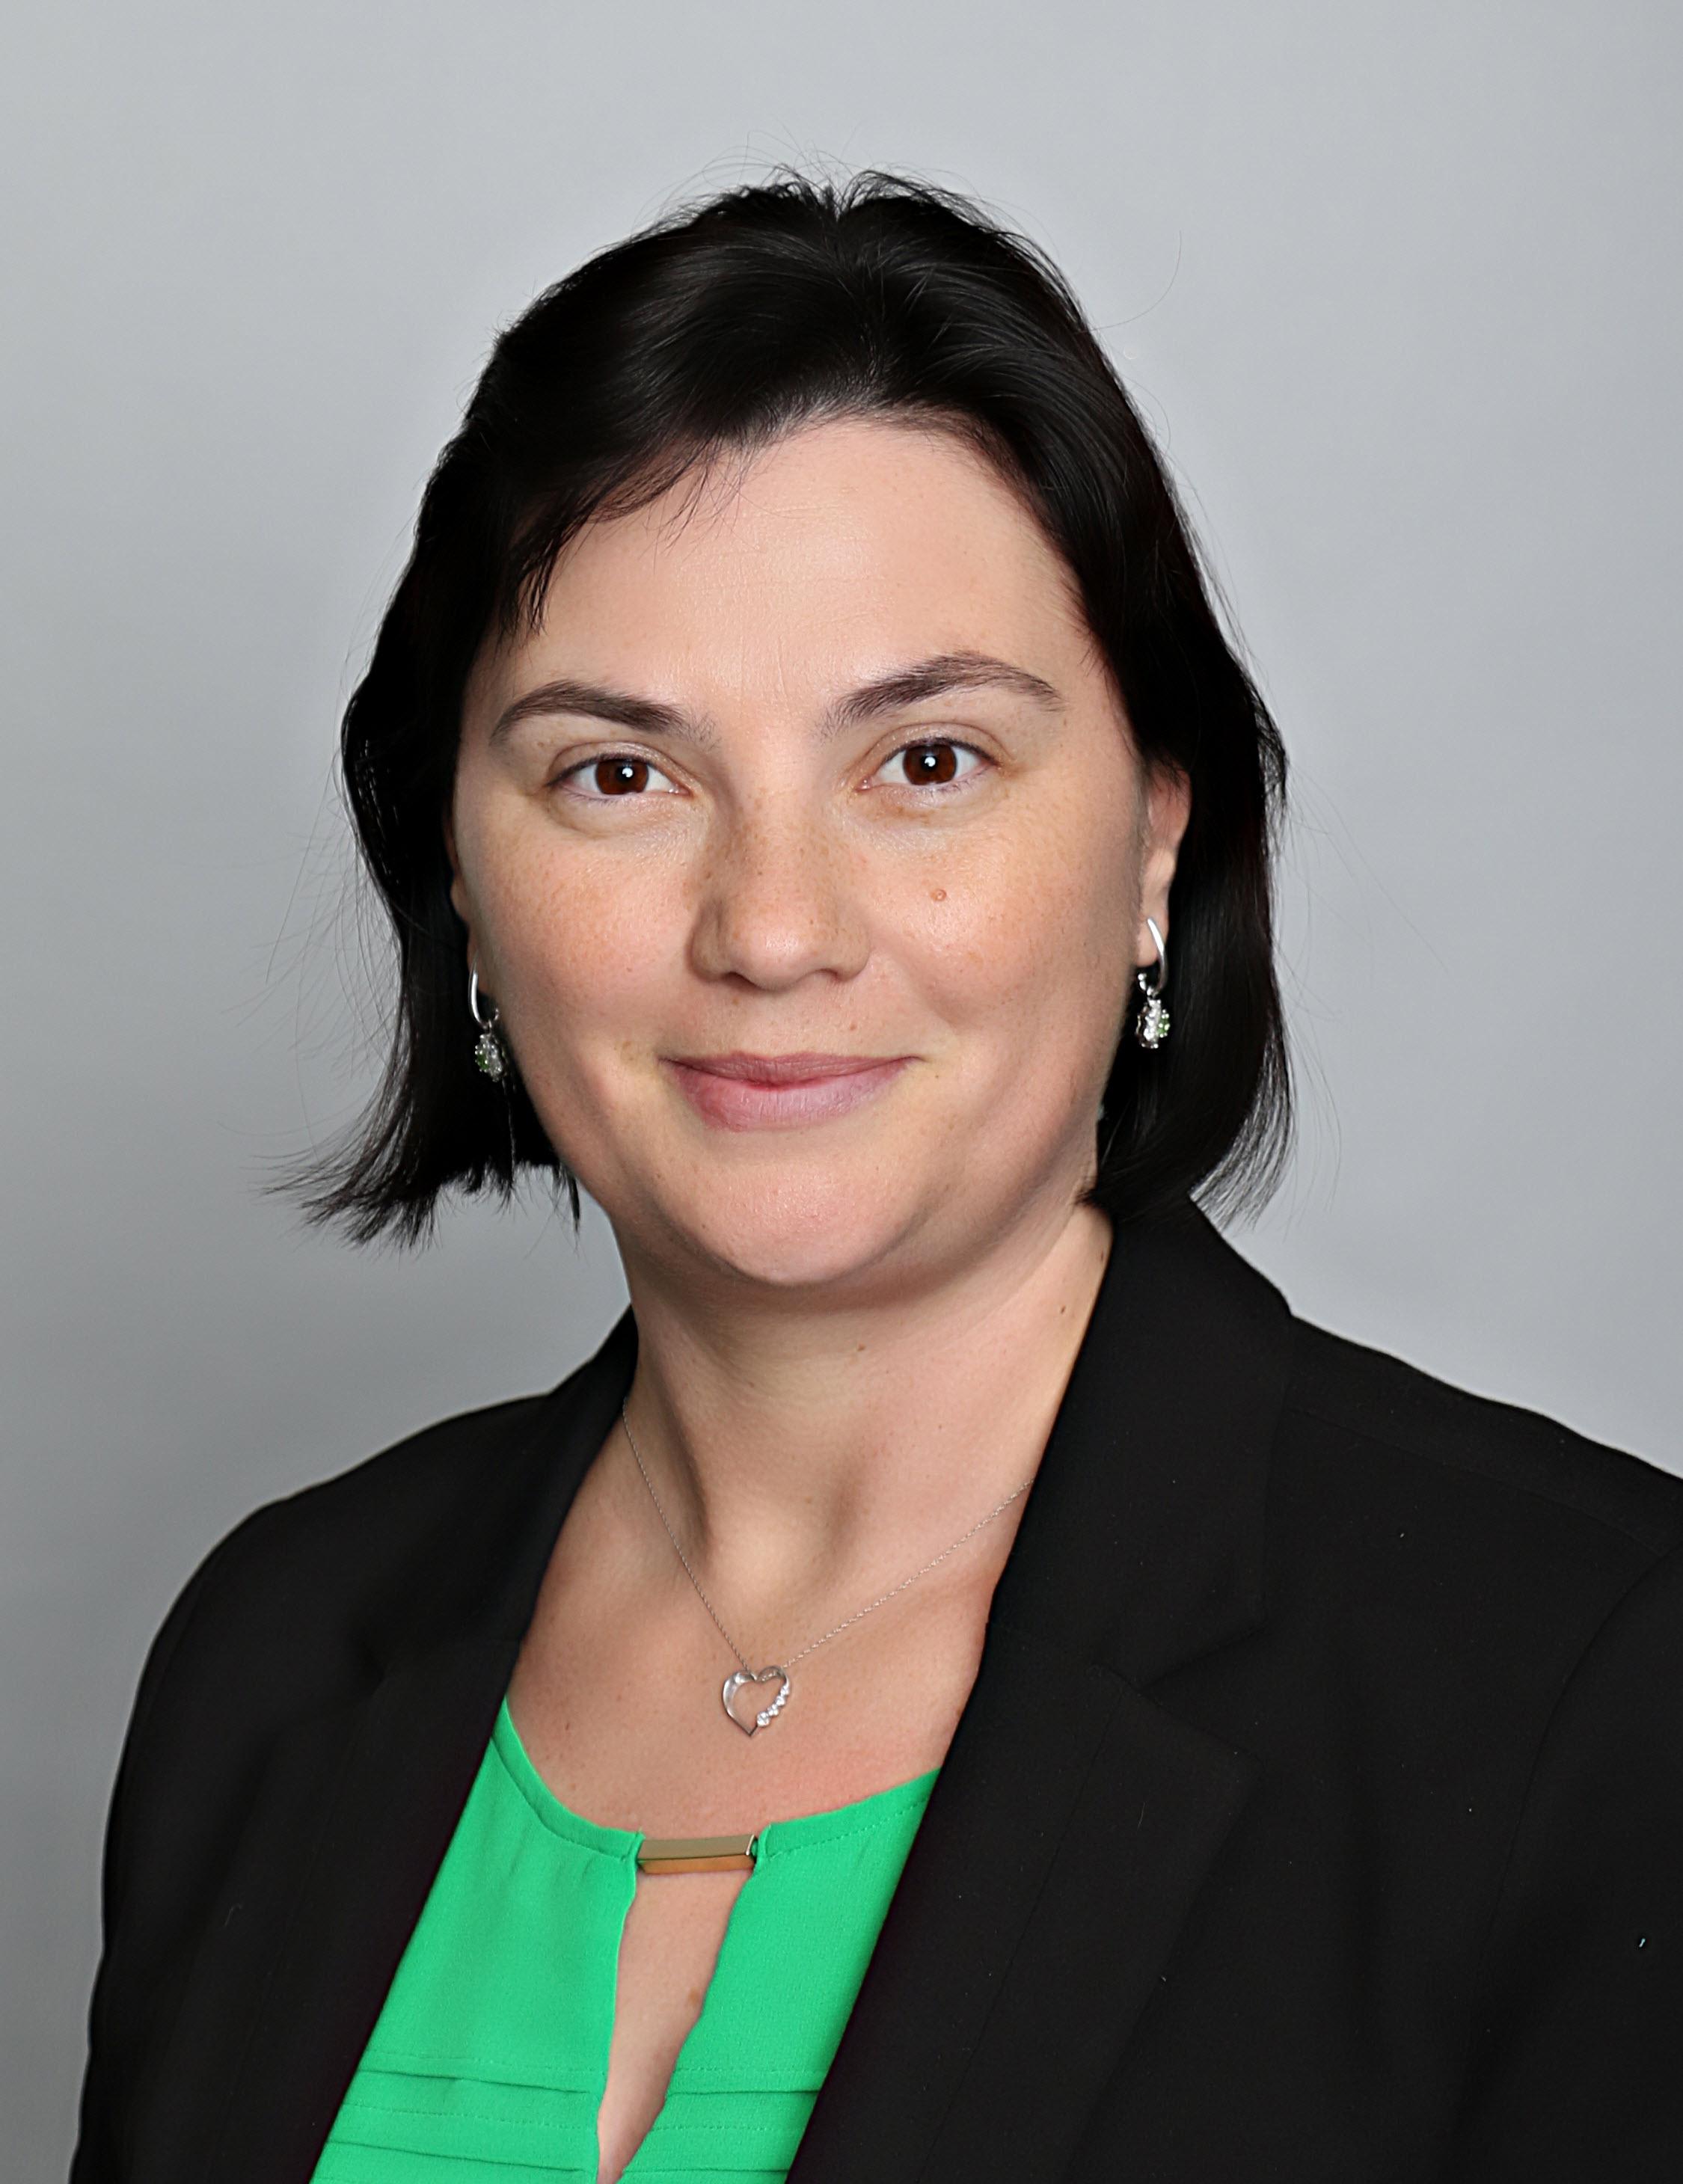 Cristina Ciorna